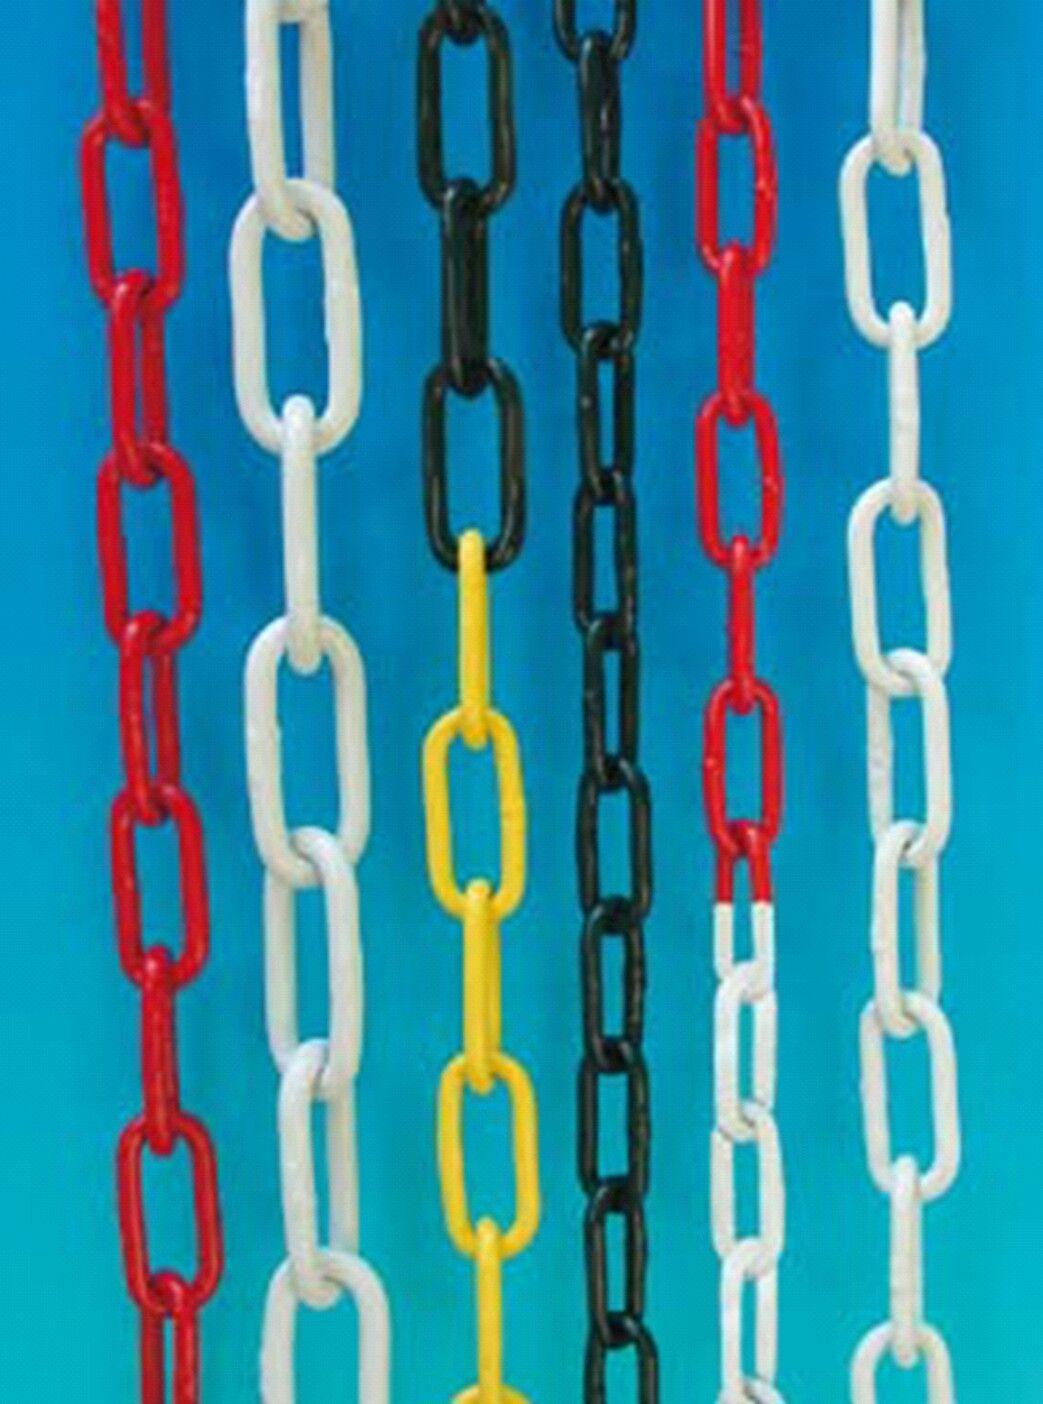 Absperrkette Stahlkette - Metall gelb-schwarz, Bund a 10 m